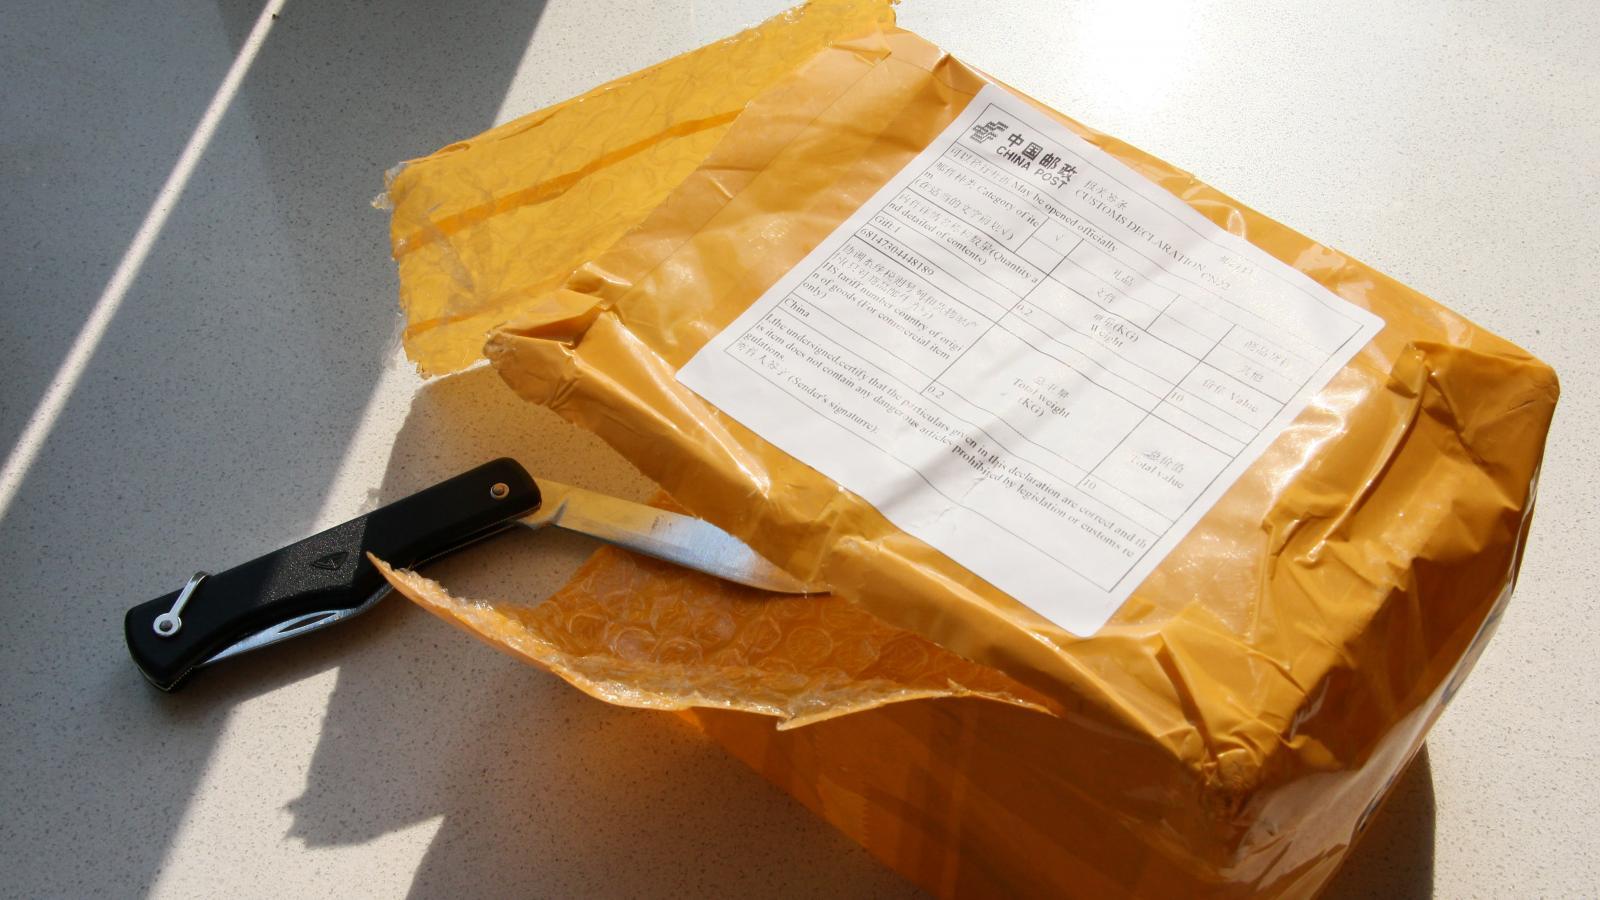 Вологжанину пришла посылка из Южной Америки с килограммом наркотиков